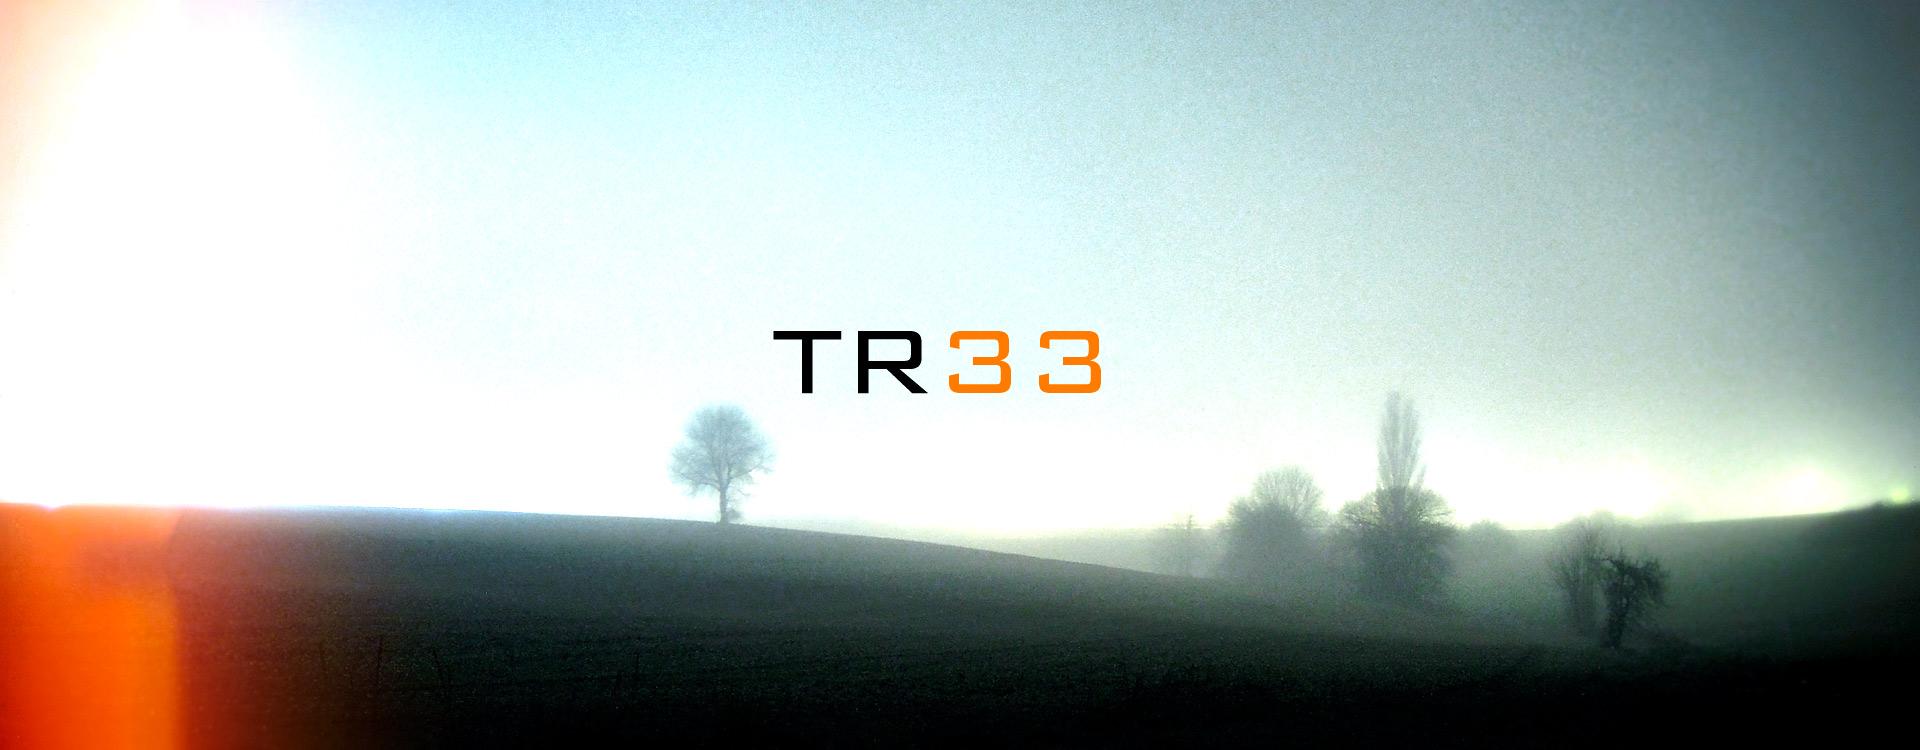 dandala_tr33